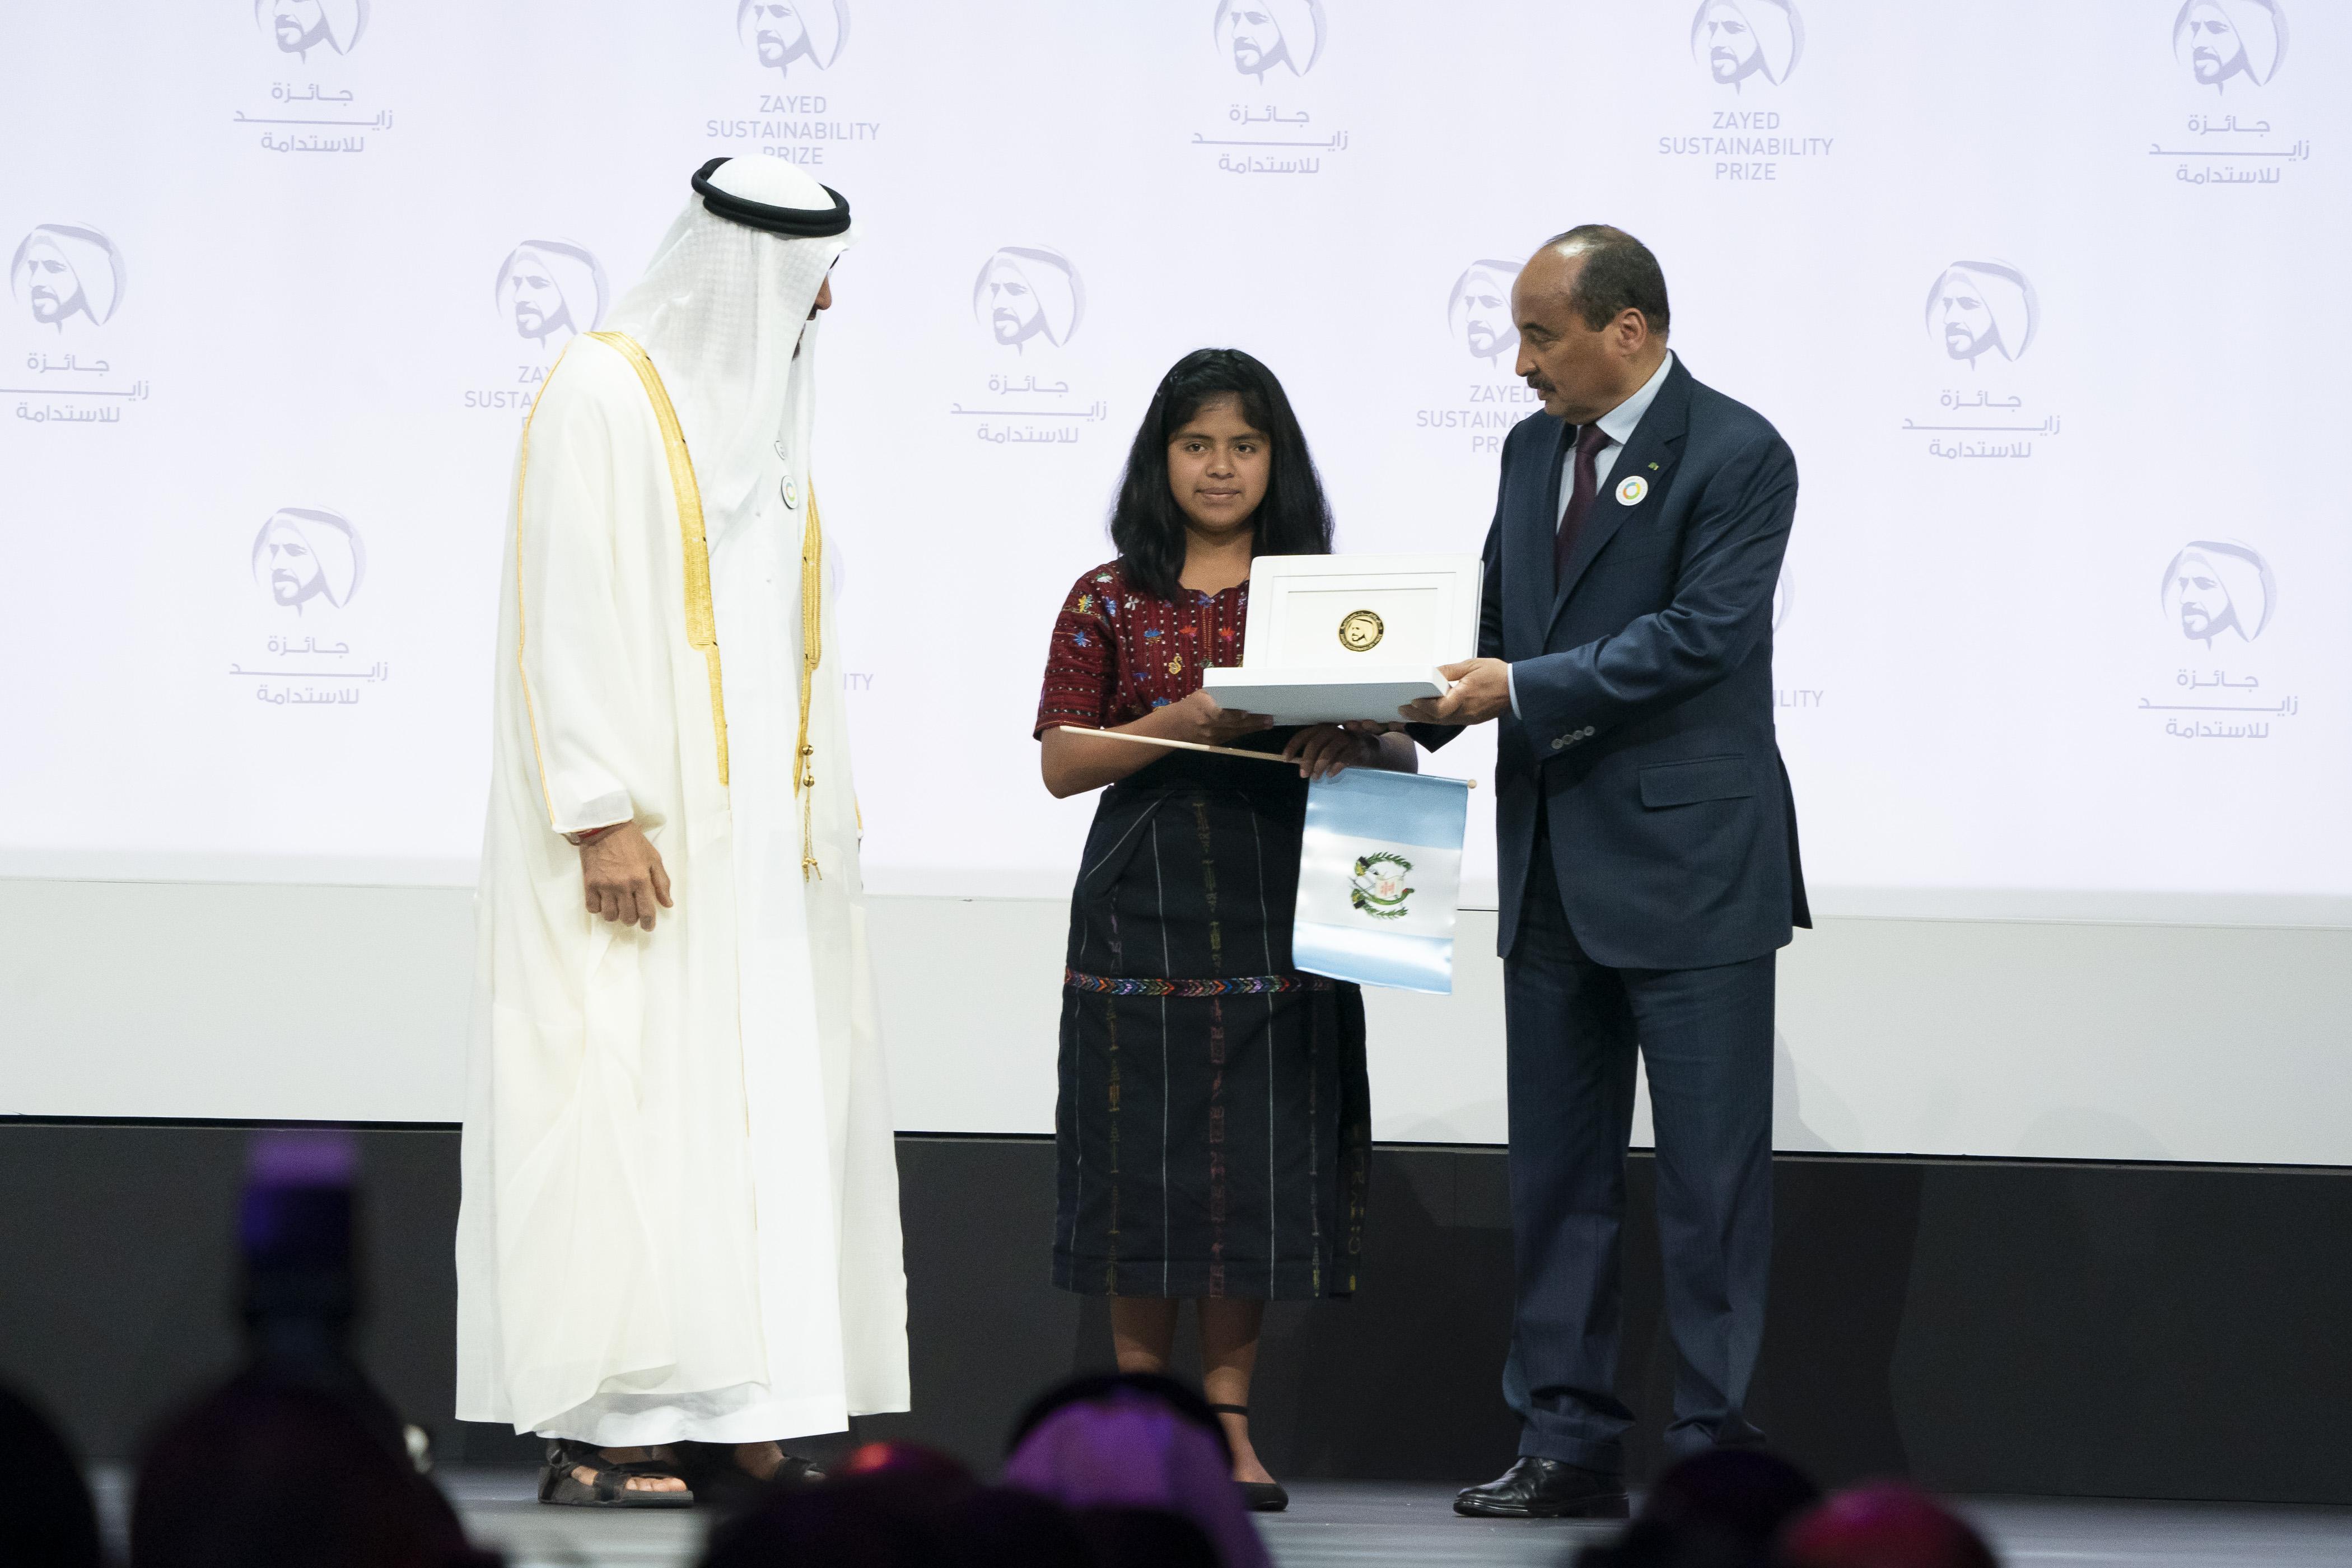 Ester Noemí Bocel Chopén recibe el premio Zayed. (Foto Prensa Libre: Cortesía Colegio Impacto)